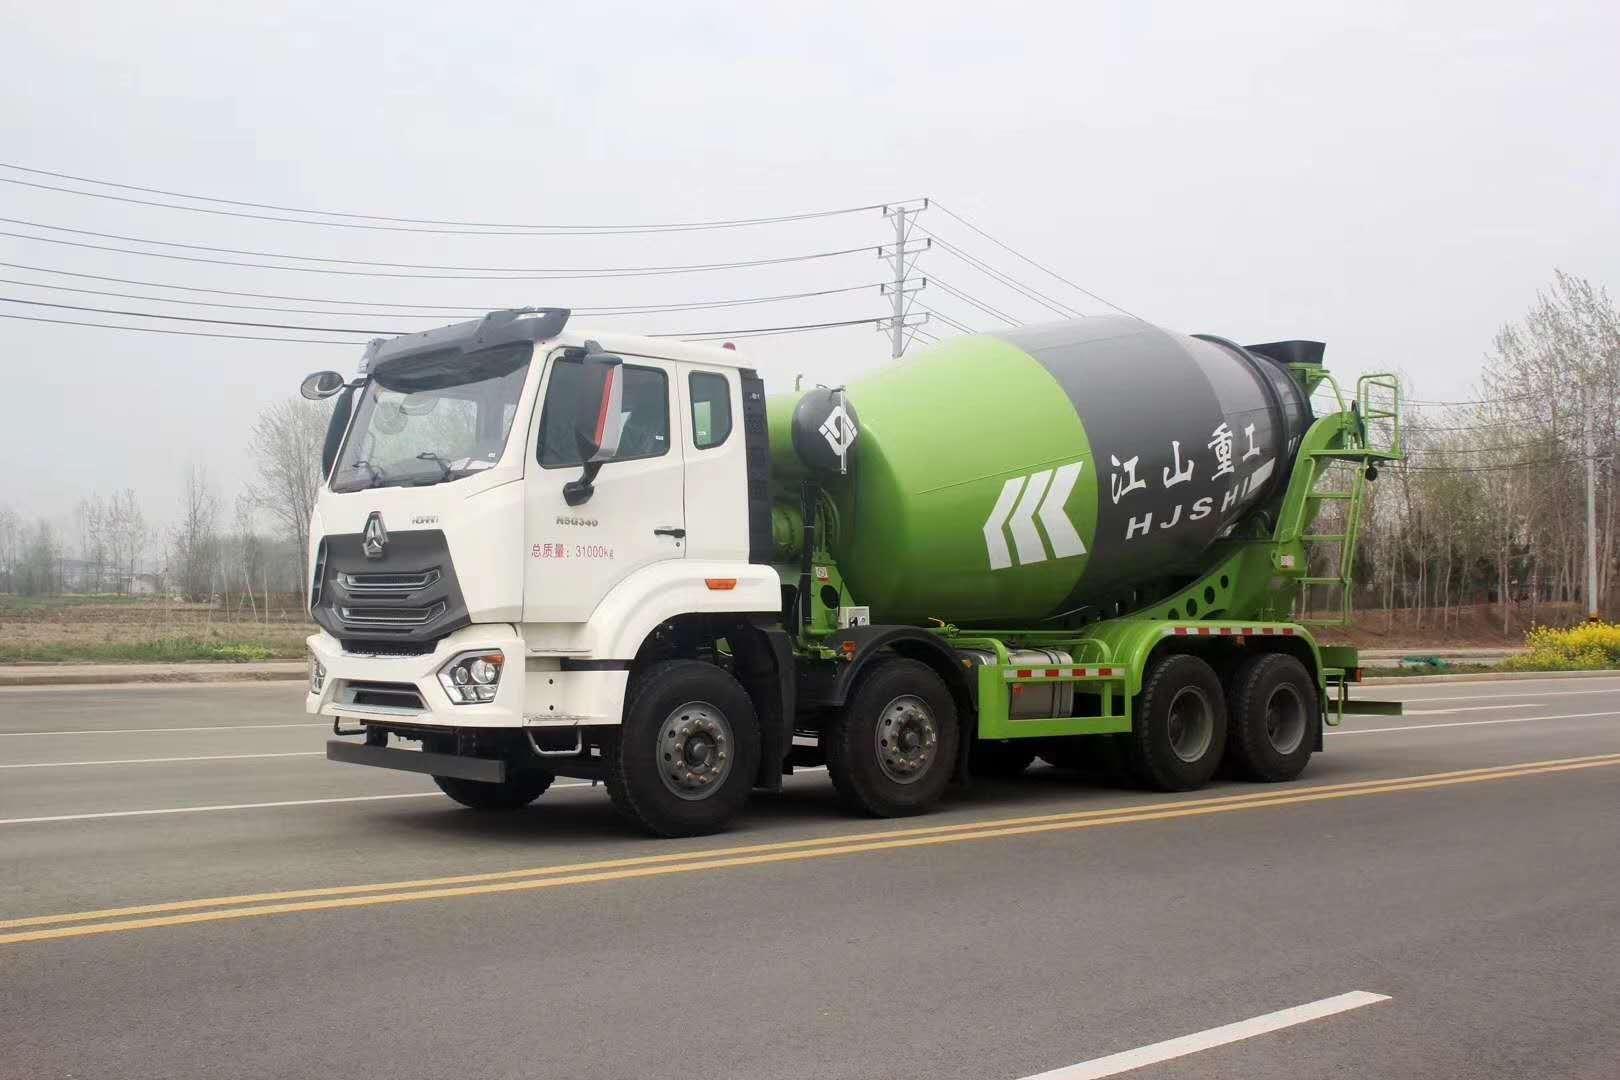 【J5G 轻量化混凝土搅拌车】重汽豪瀚J5G 轻量化混凝土搅拌车价格